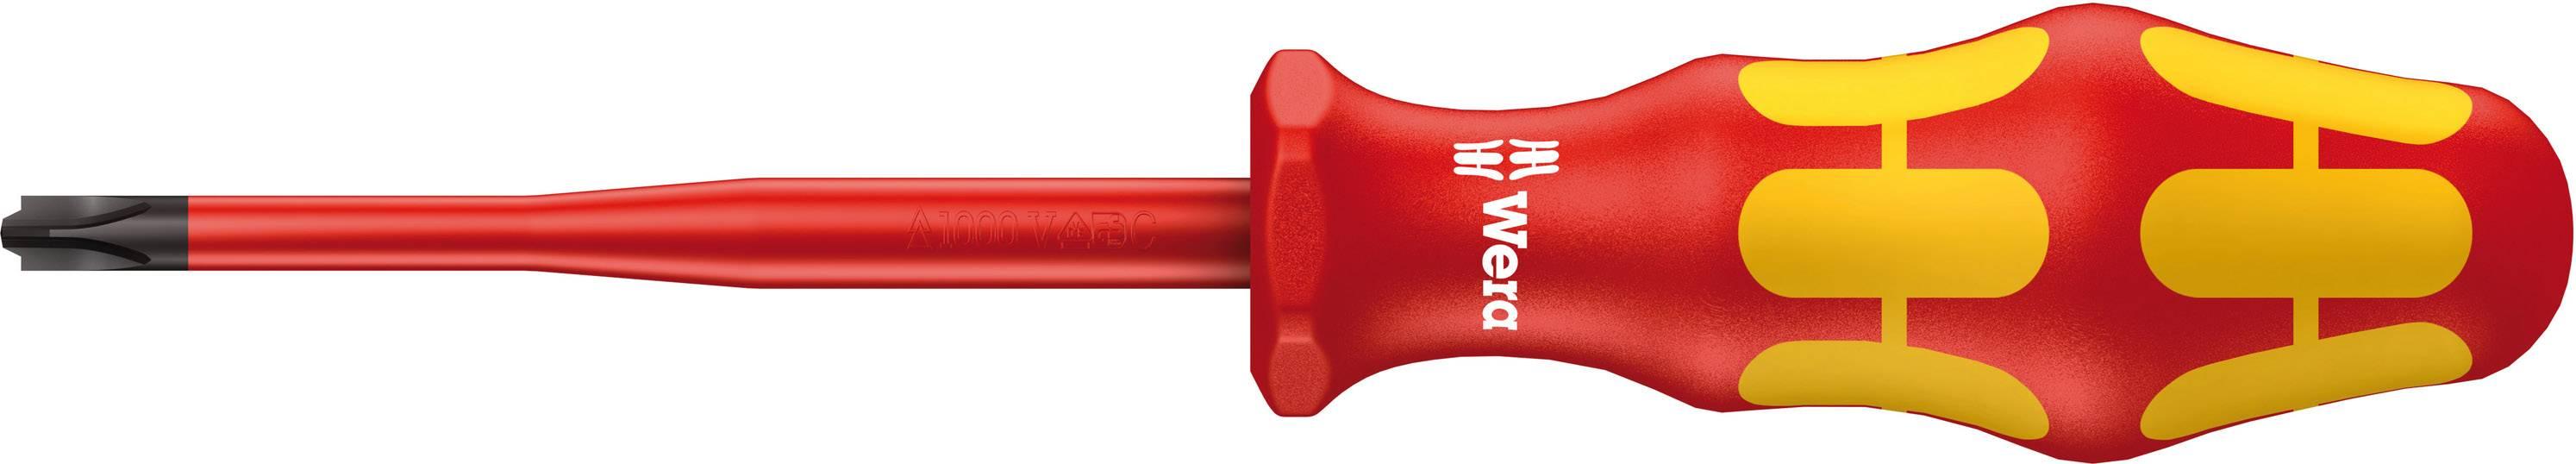 Křížový šroubovák Wera VDE PH/S 1 x 80 mm